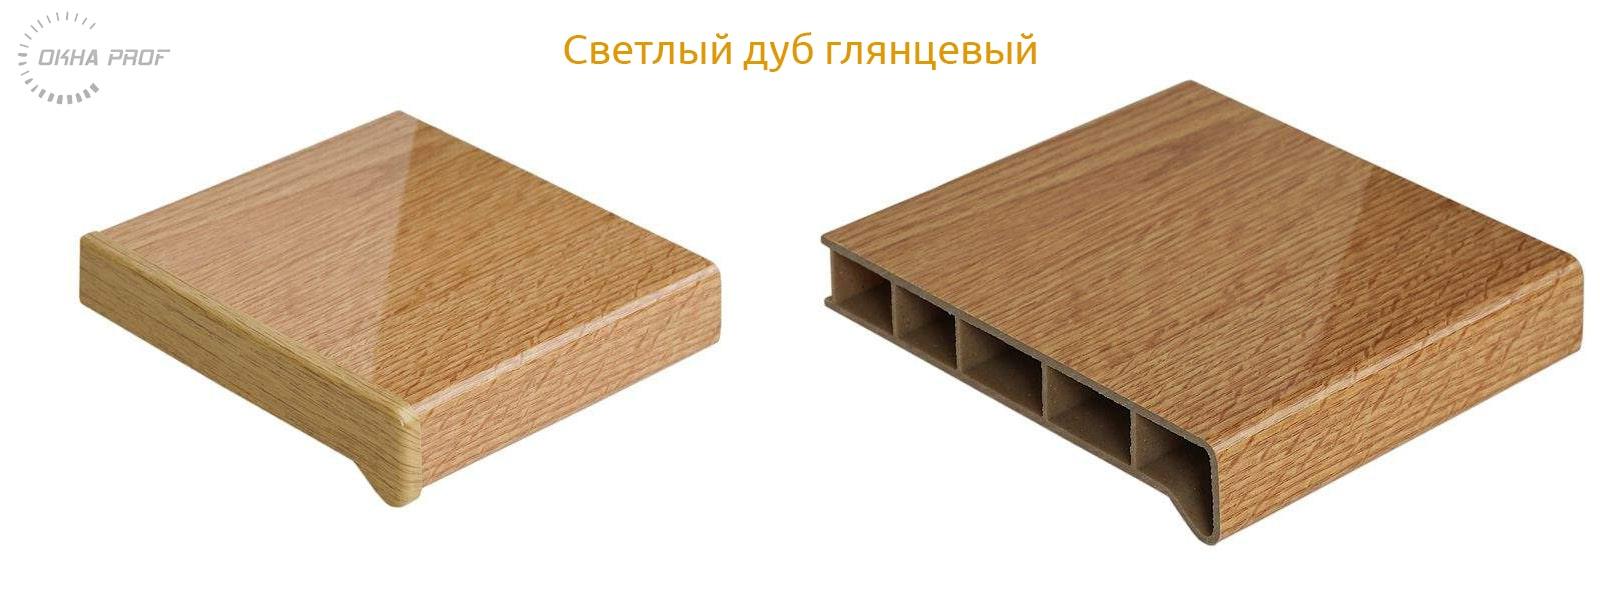 podokonnik-decor-donetsk-oknaprof-moeller-008